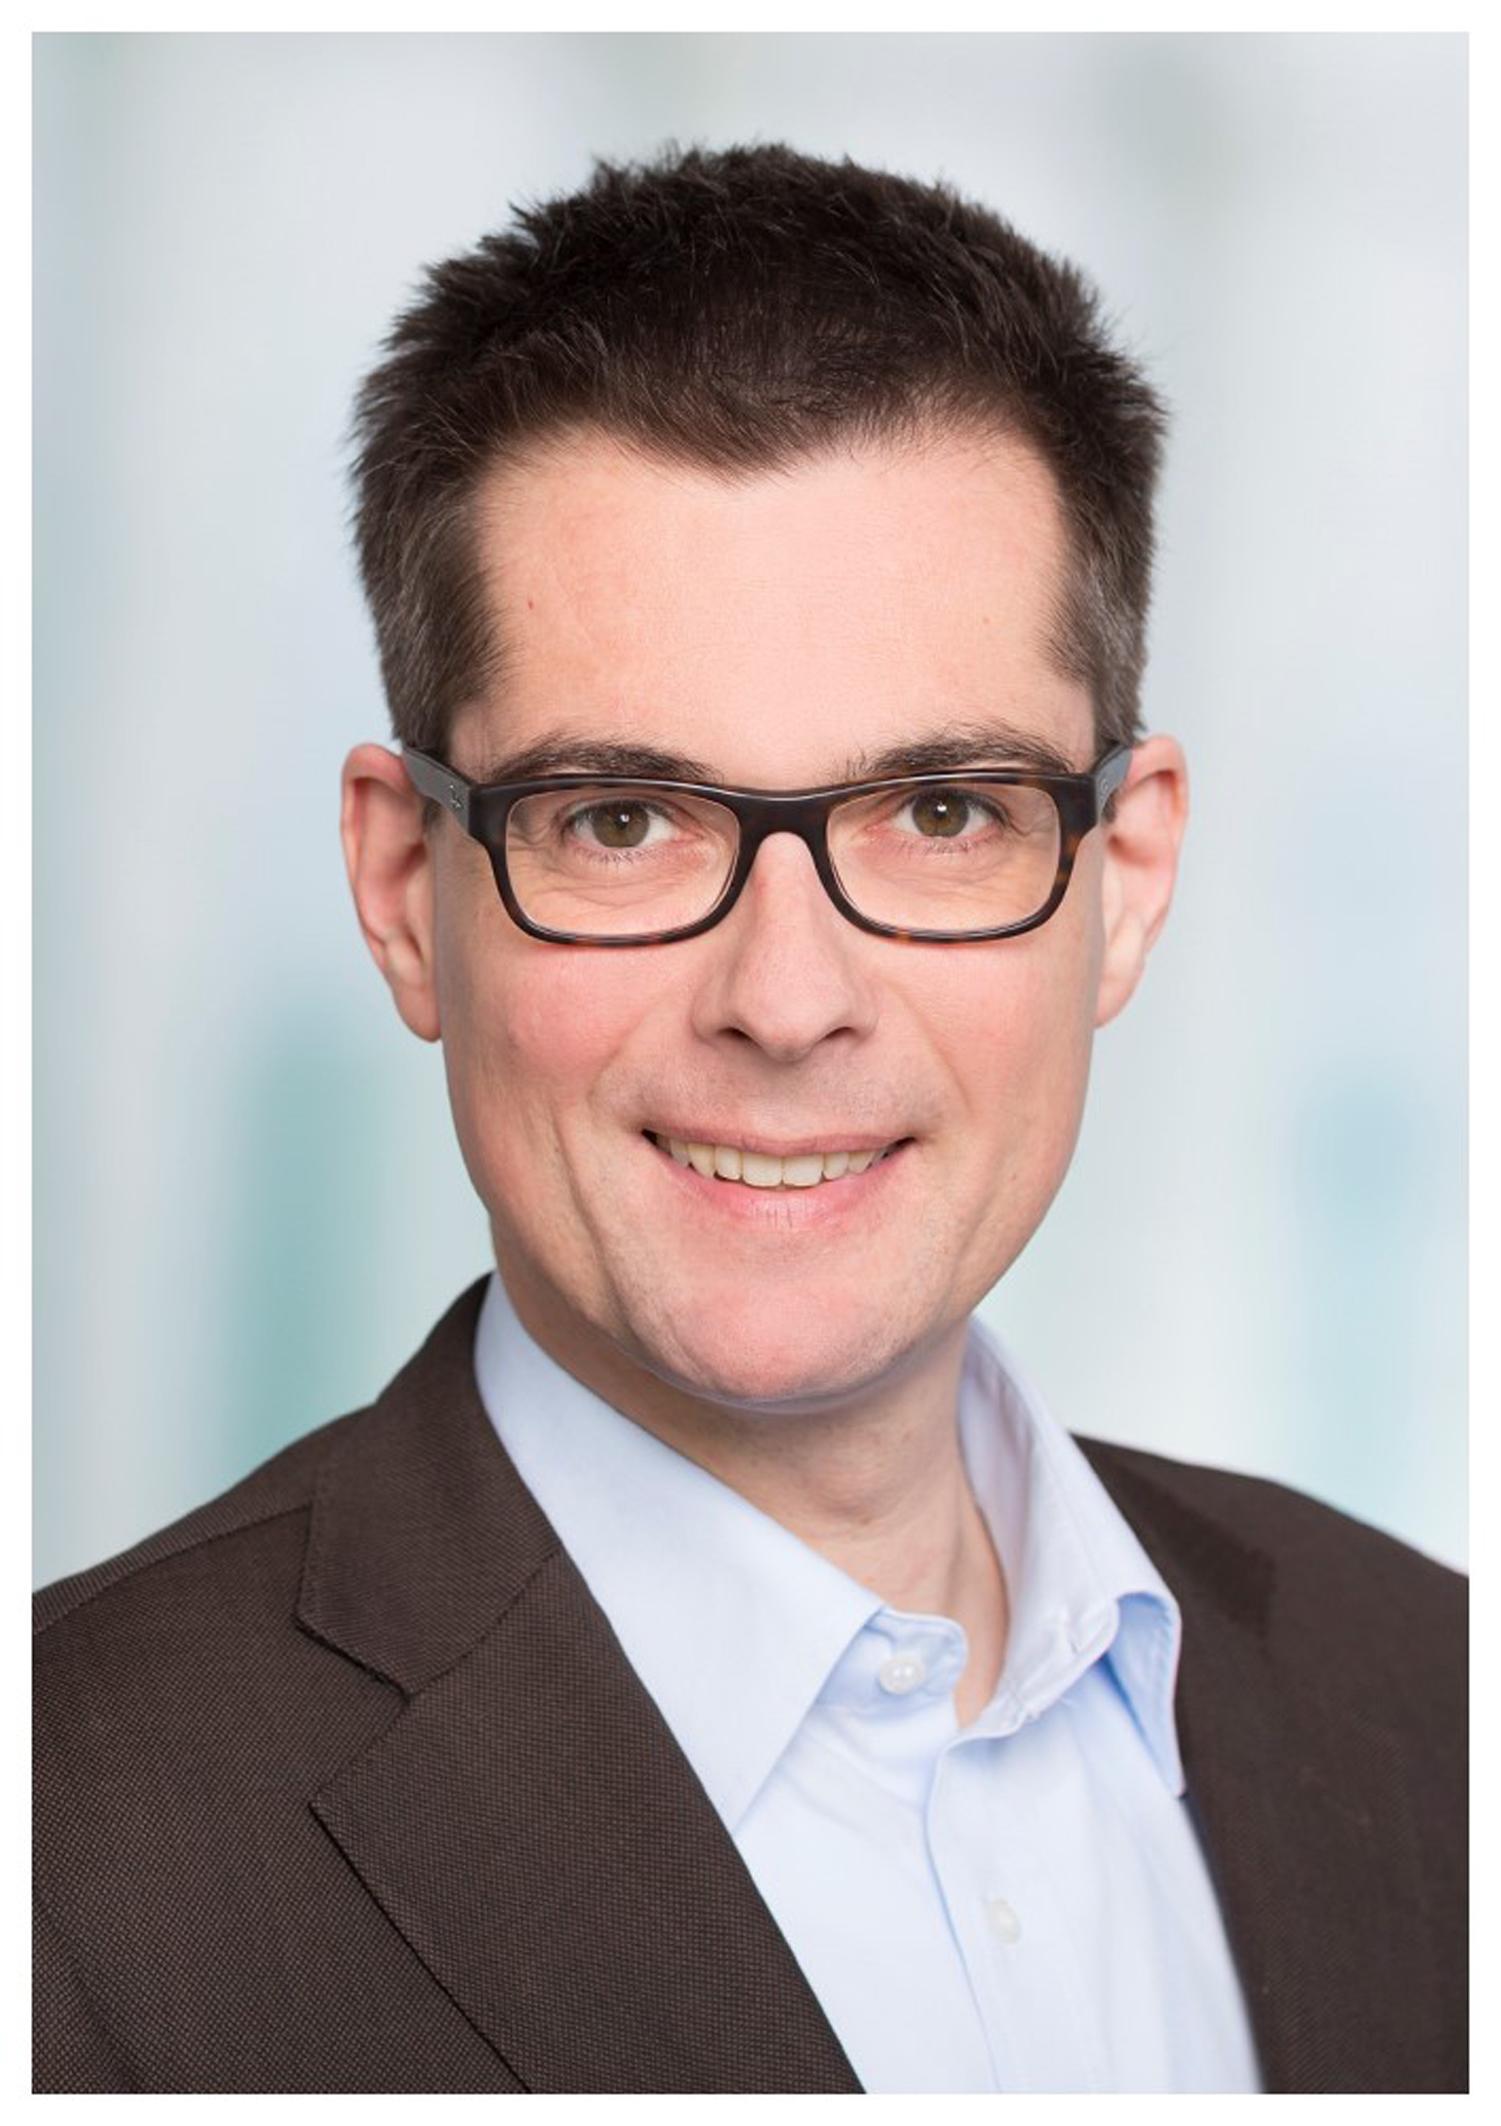 Der bisherige Vertriebsleiter Dr. Jens Gebhardt wird ab 1. Mai 2019 die Position des Commercial Director und die Verantwortung für das Business Development übernehmen. Abbildung: Kinnarps